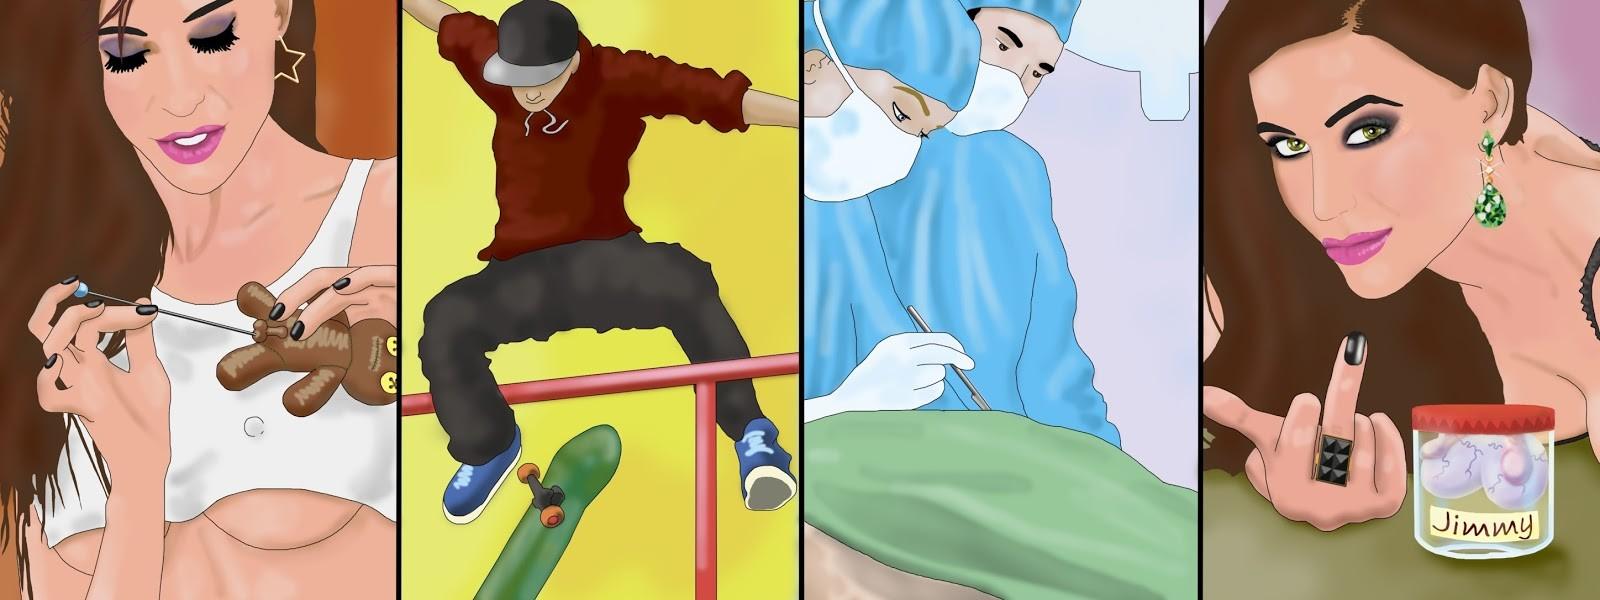 castration-comics-12